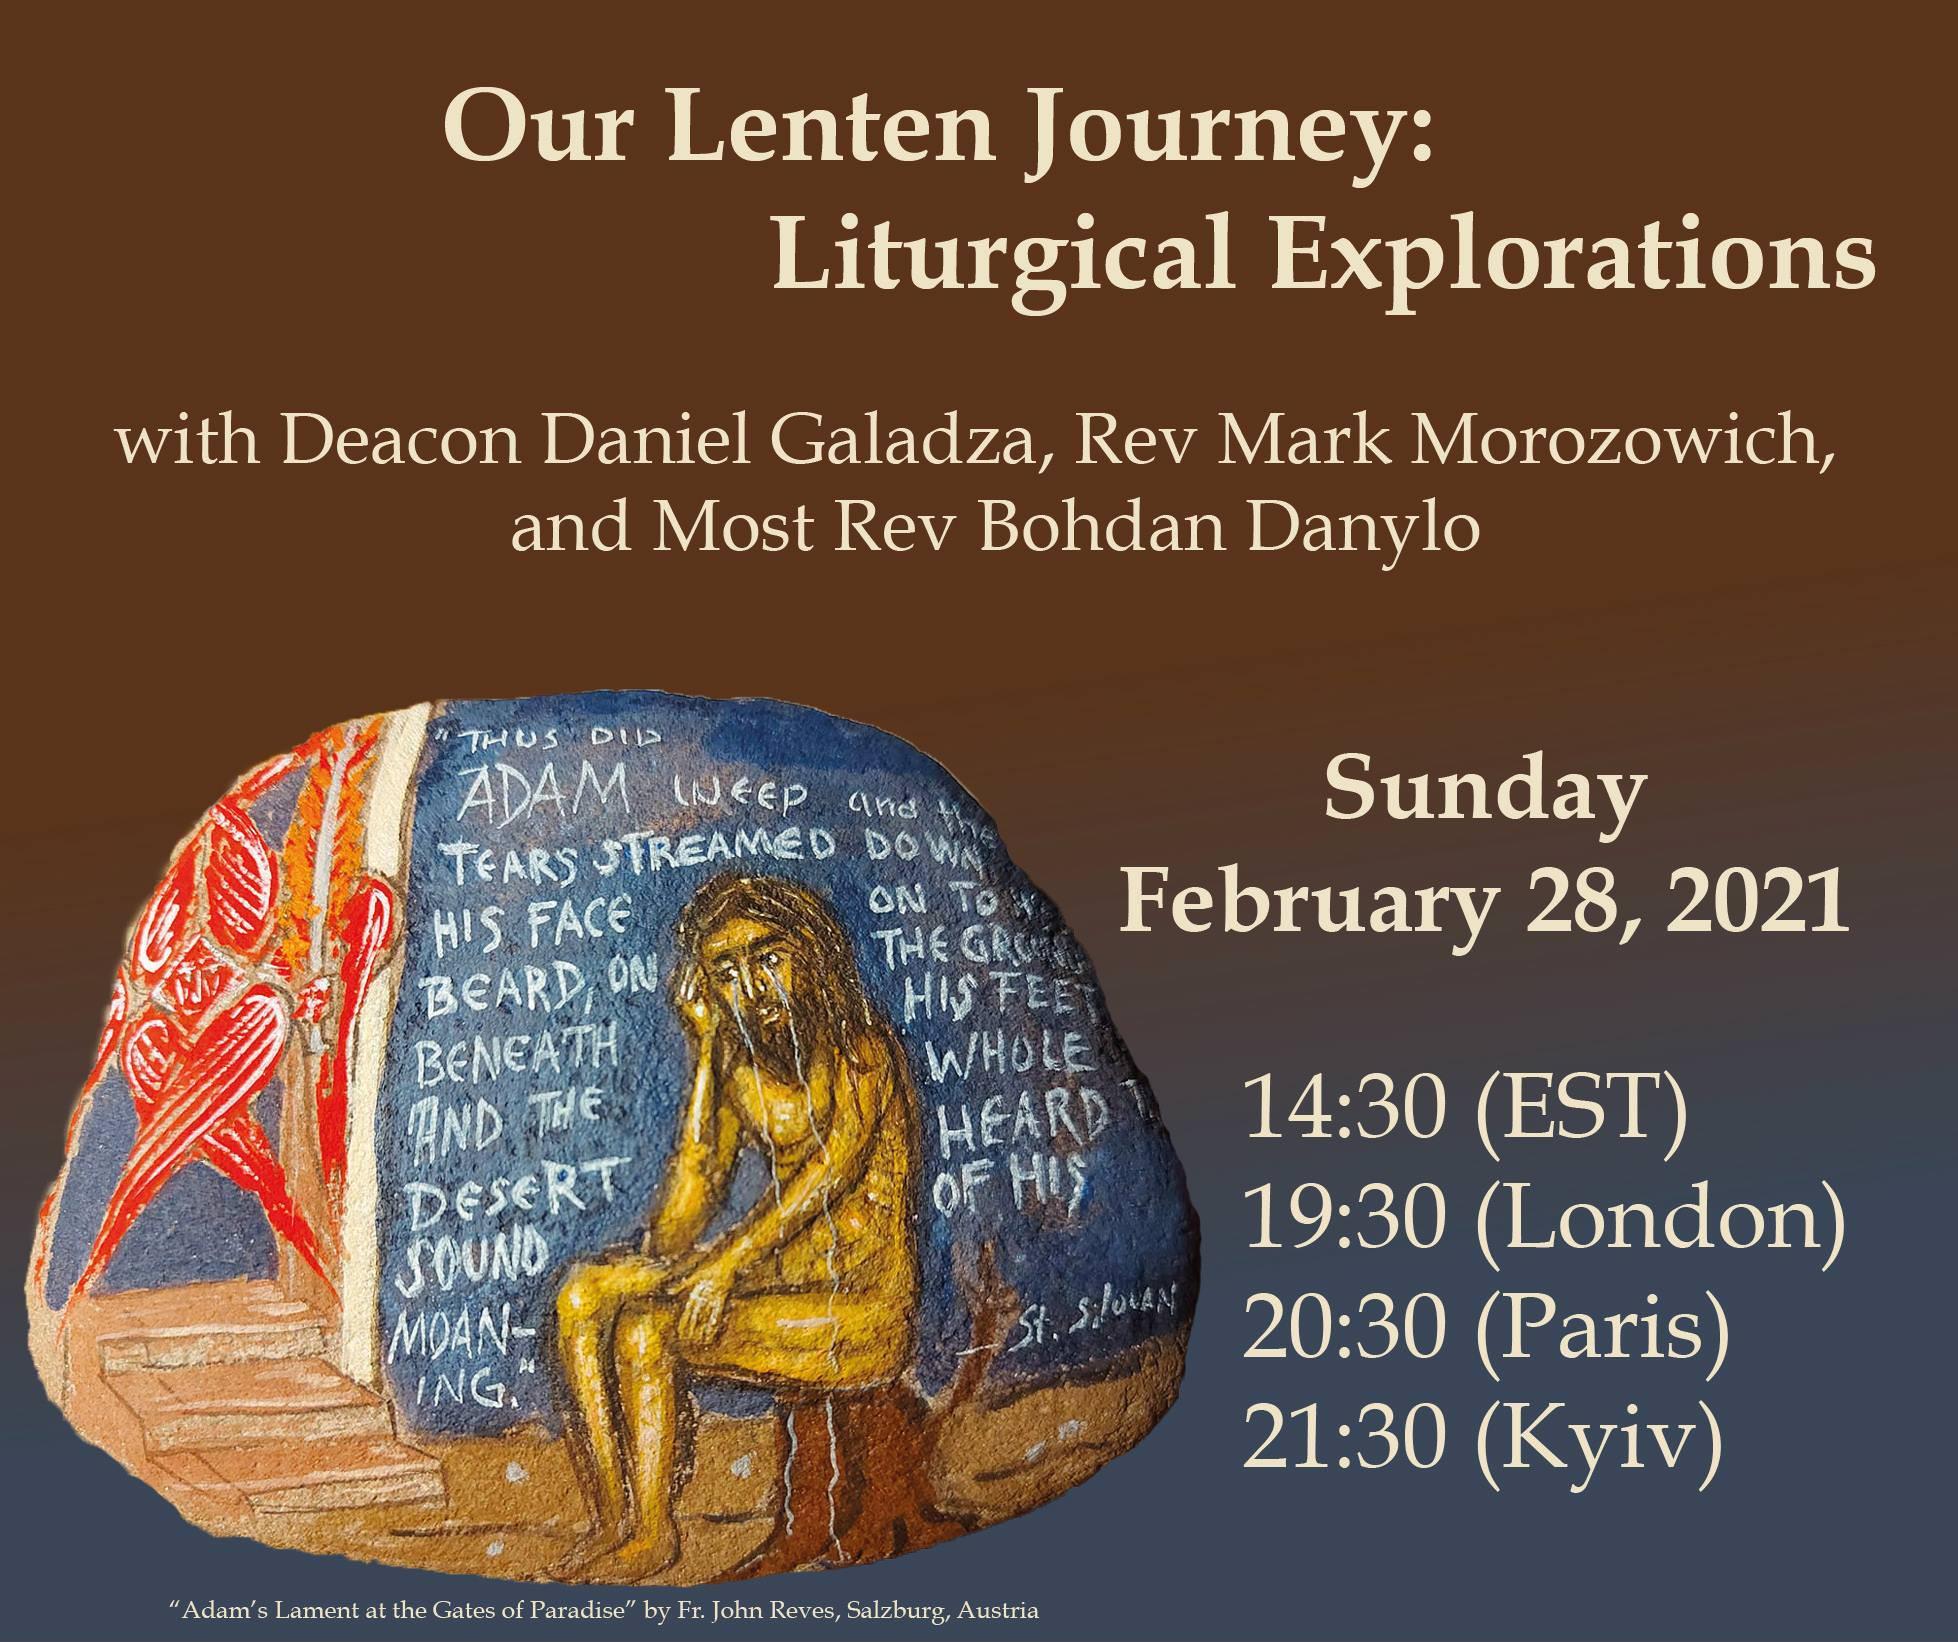 Our Lenten Journey – Liturgical Explorations